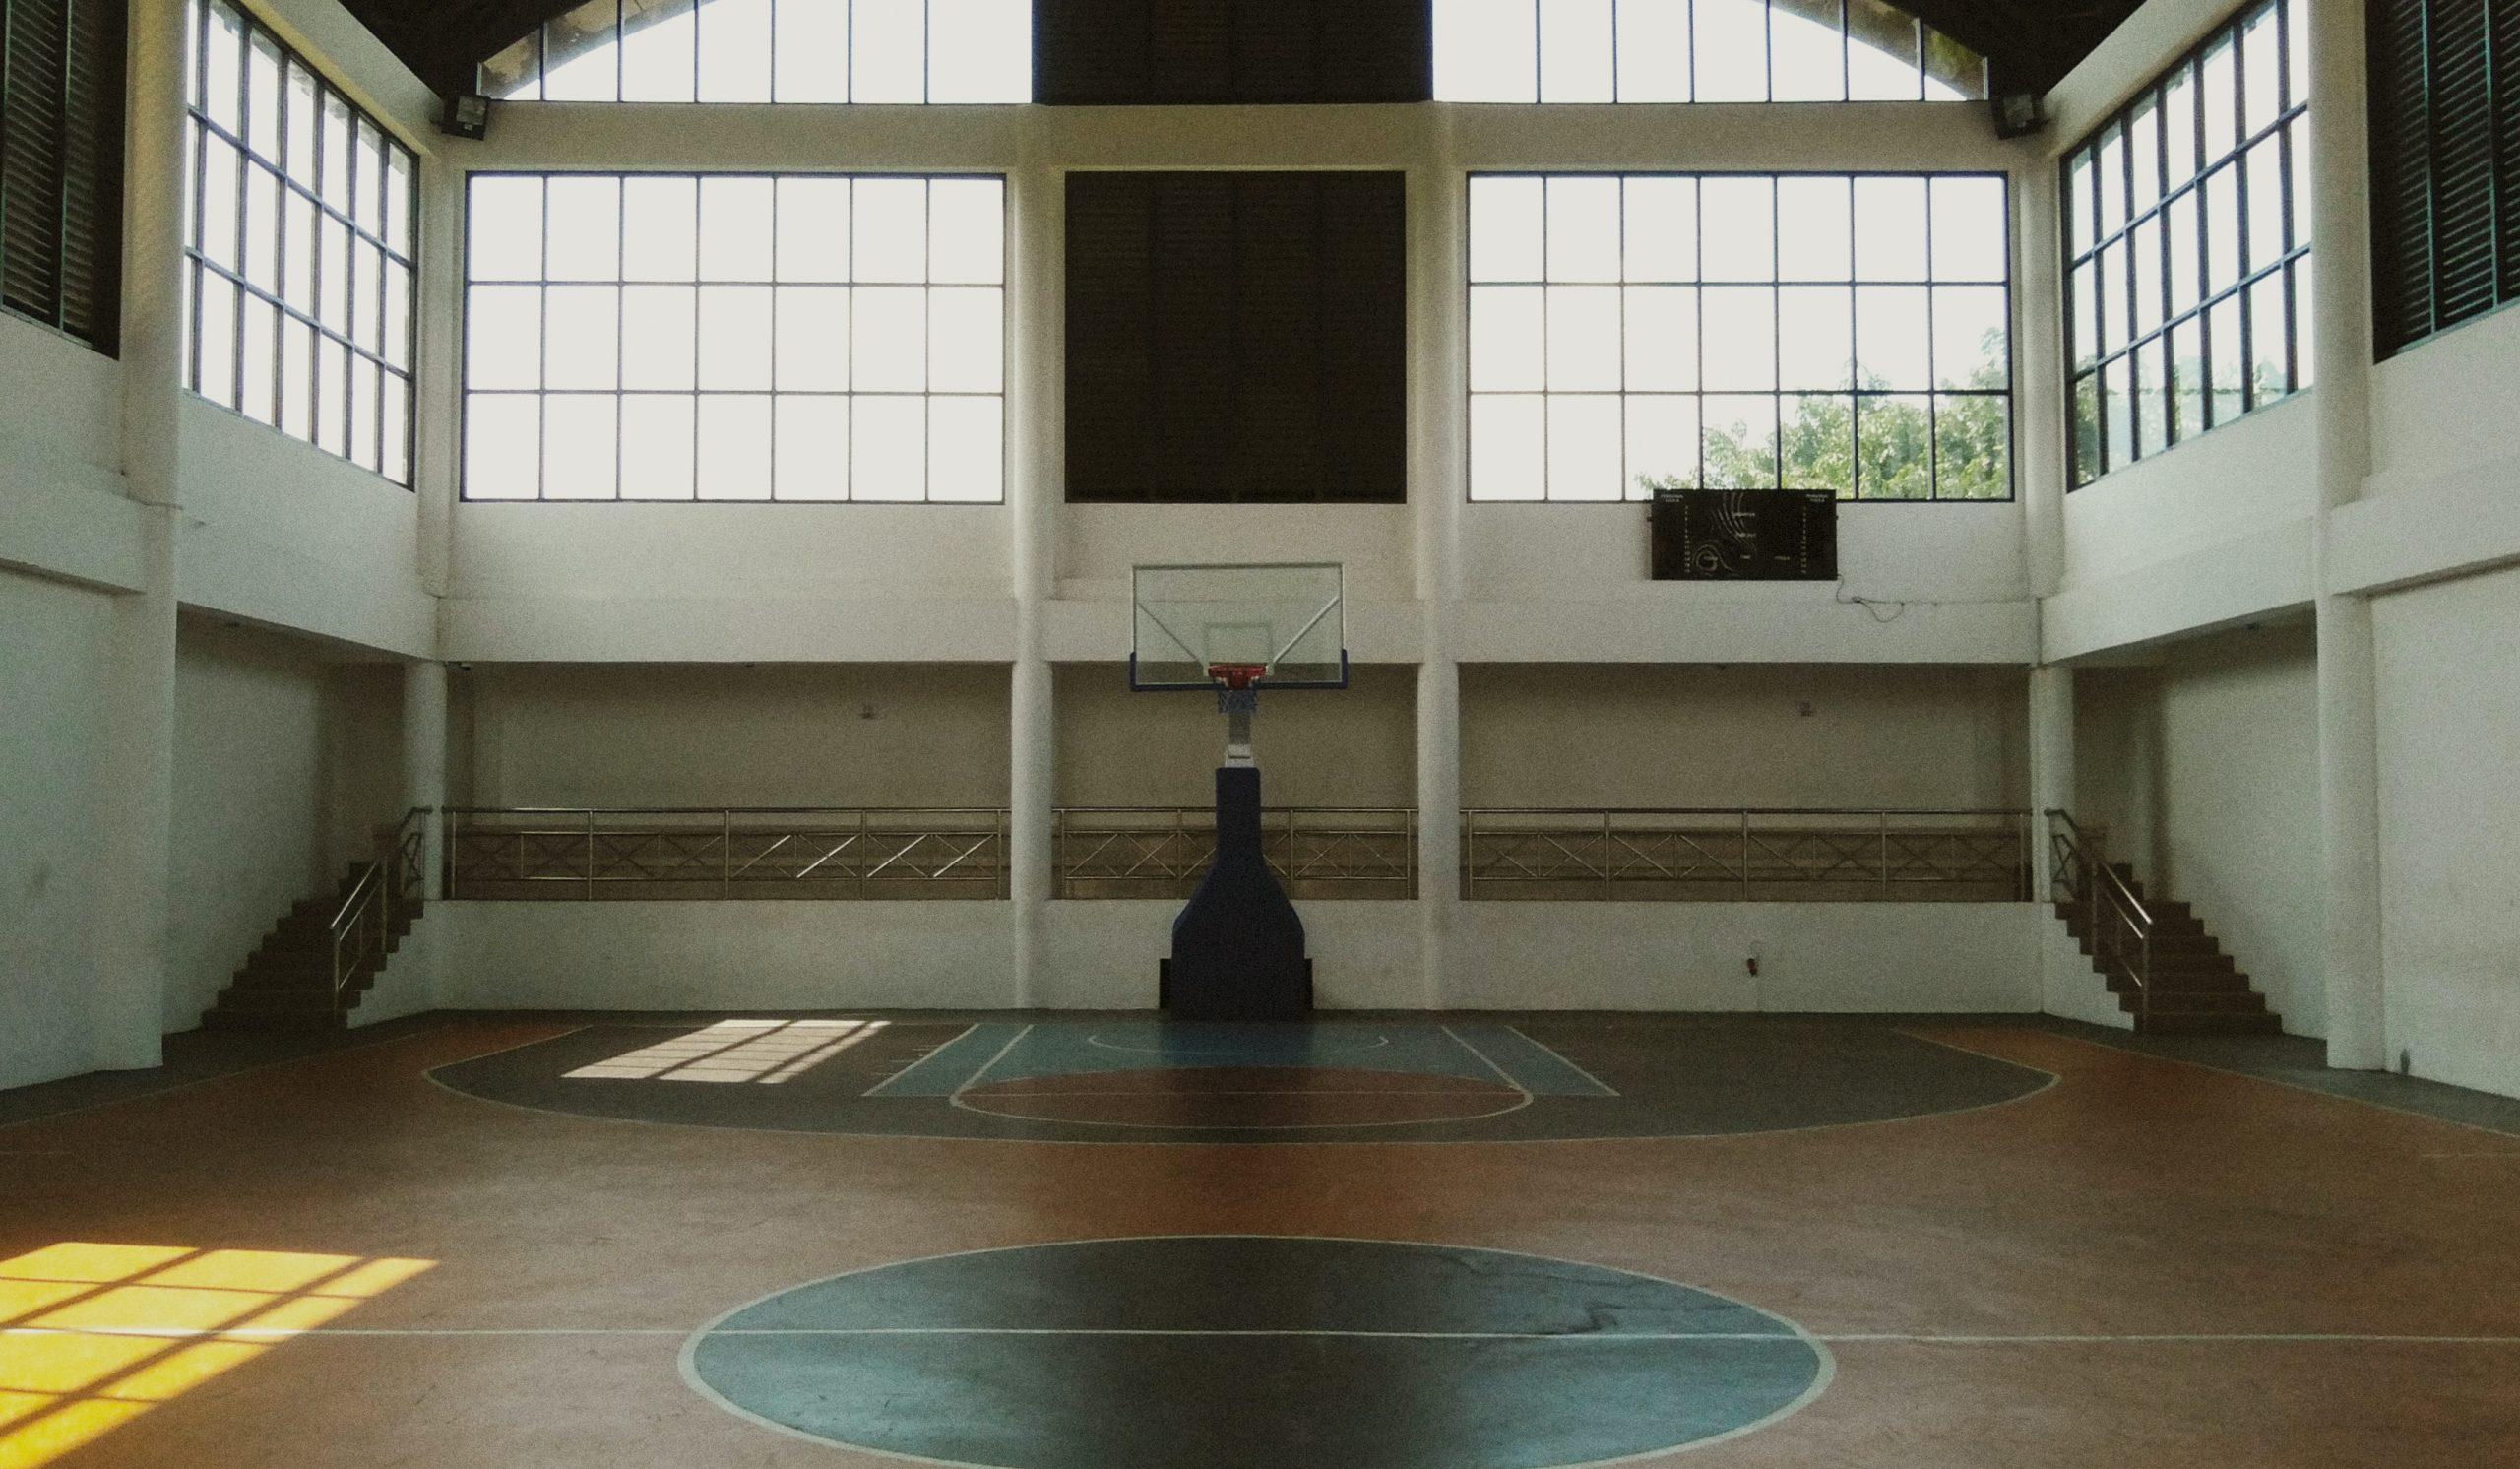 villemomble sport basket - fermeture des gymnases